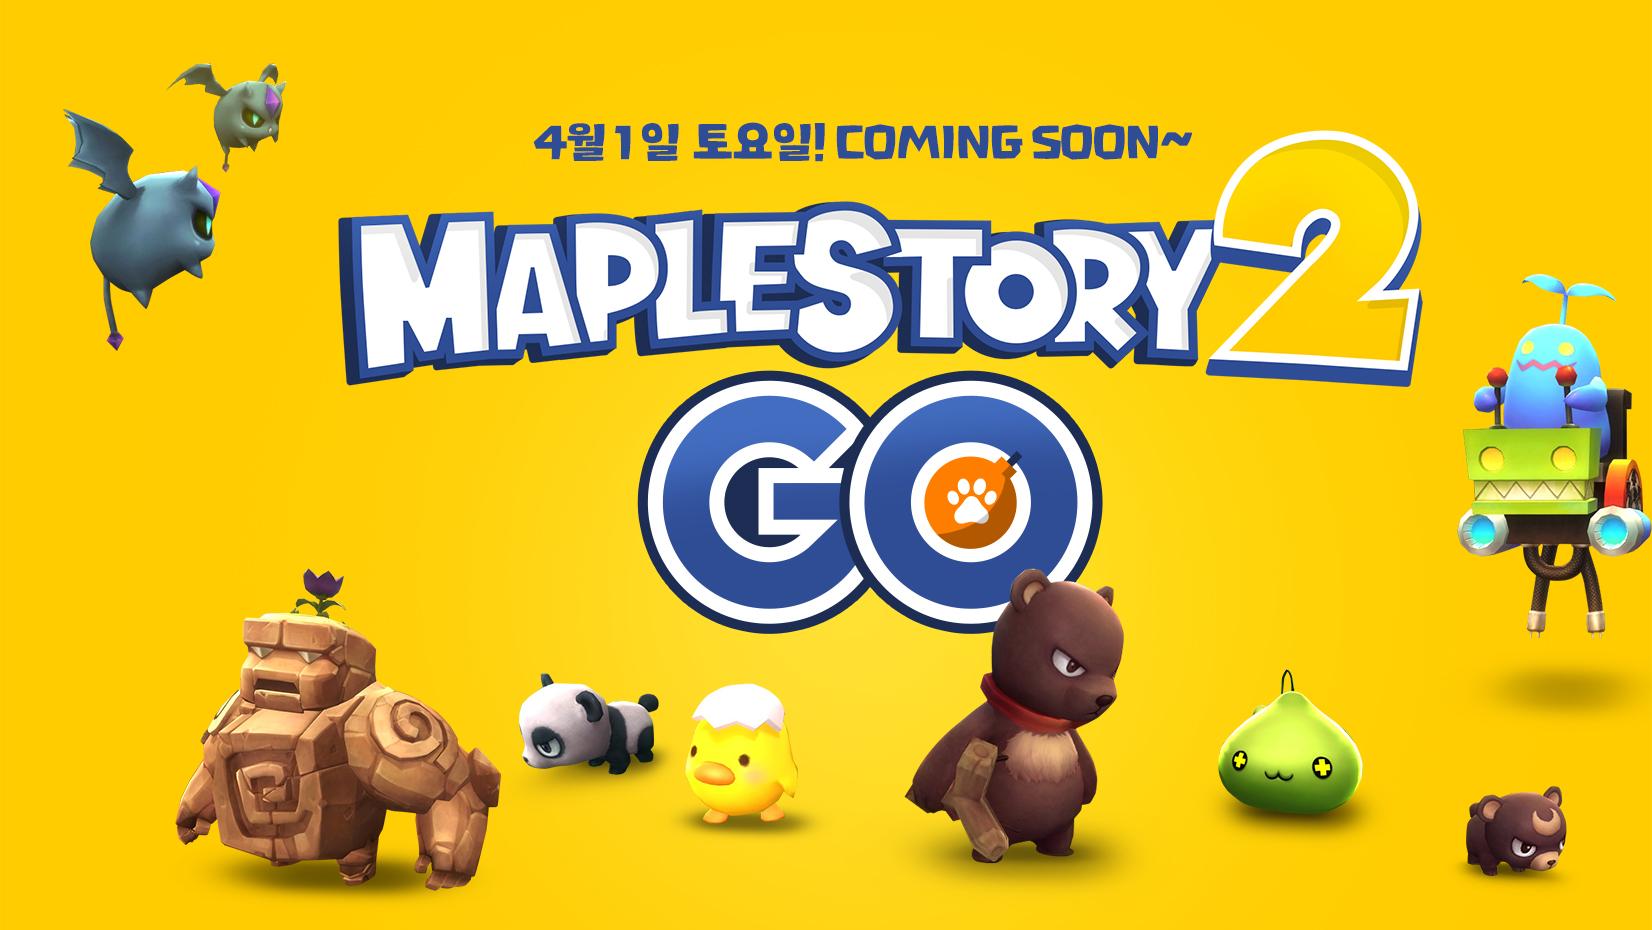 MapleStory 2 Go!